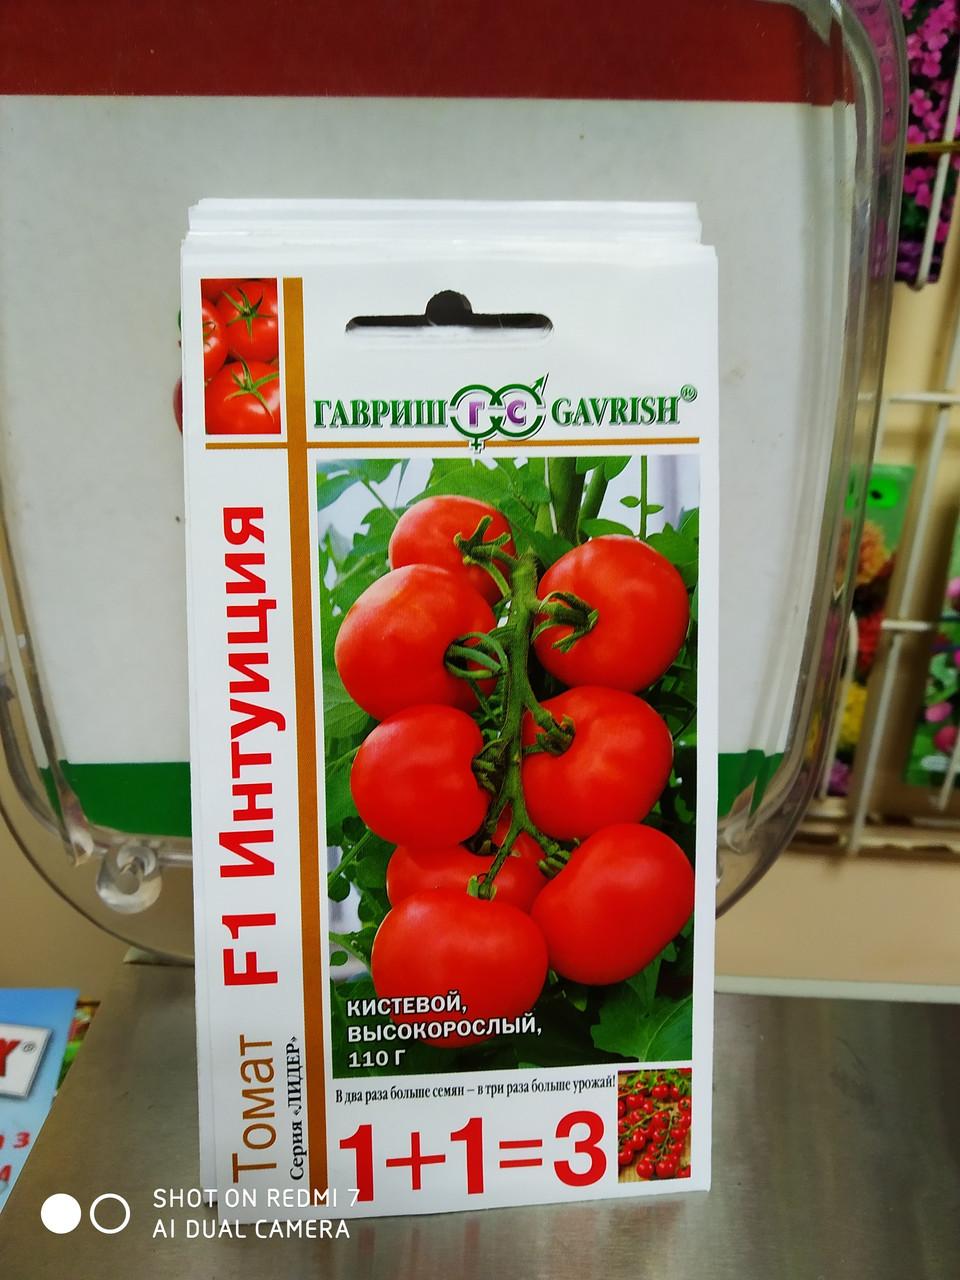 """Томат насіння кистьовий, високорослий """"Інтуїція F1"""", 25 шт, для теплиць , Гавриш насіння, Росія"""